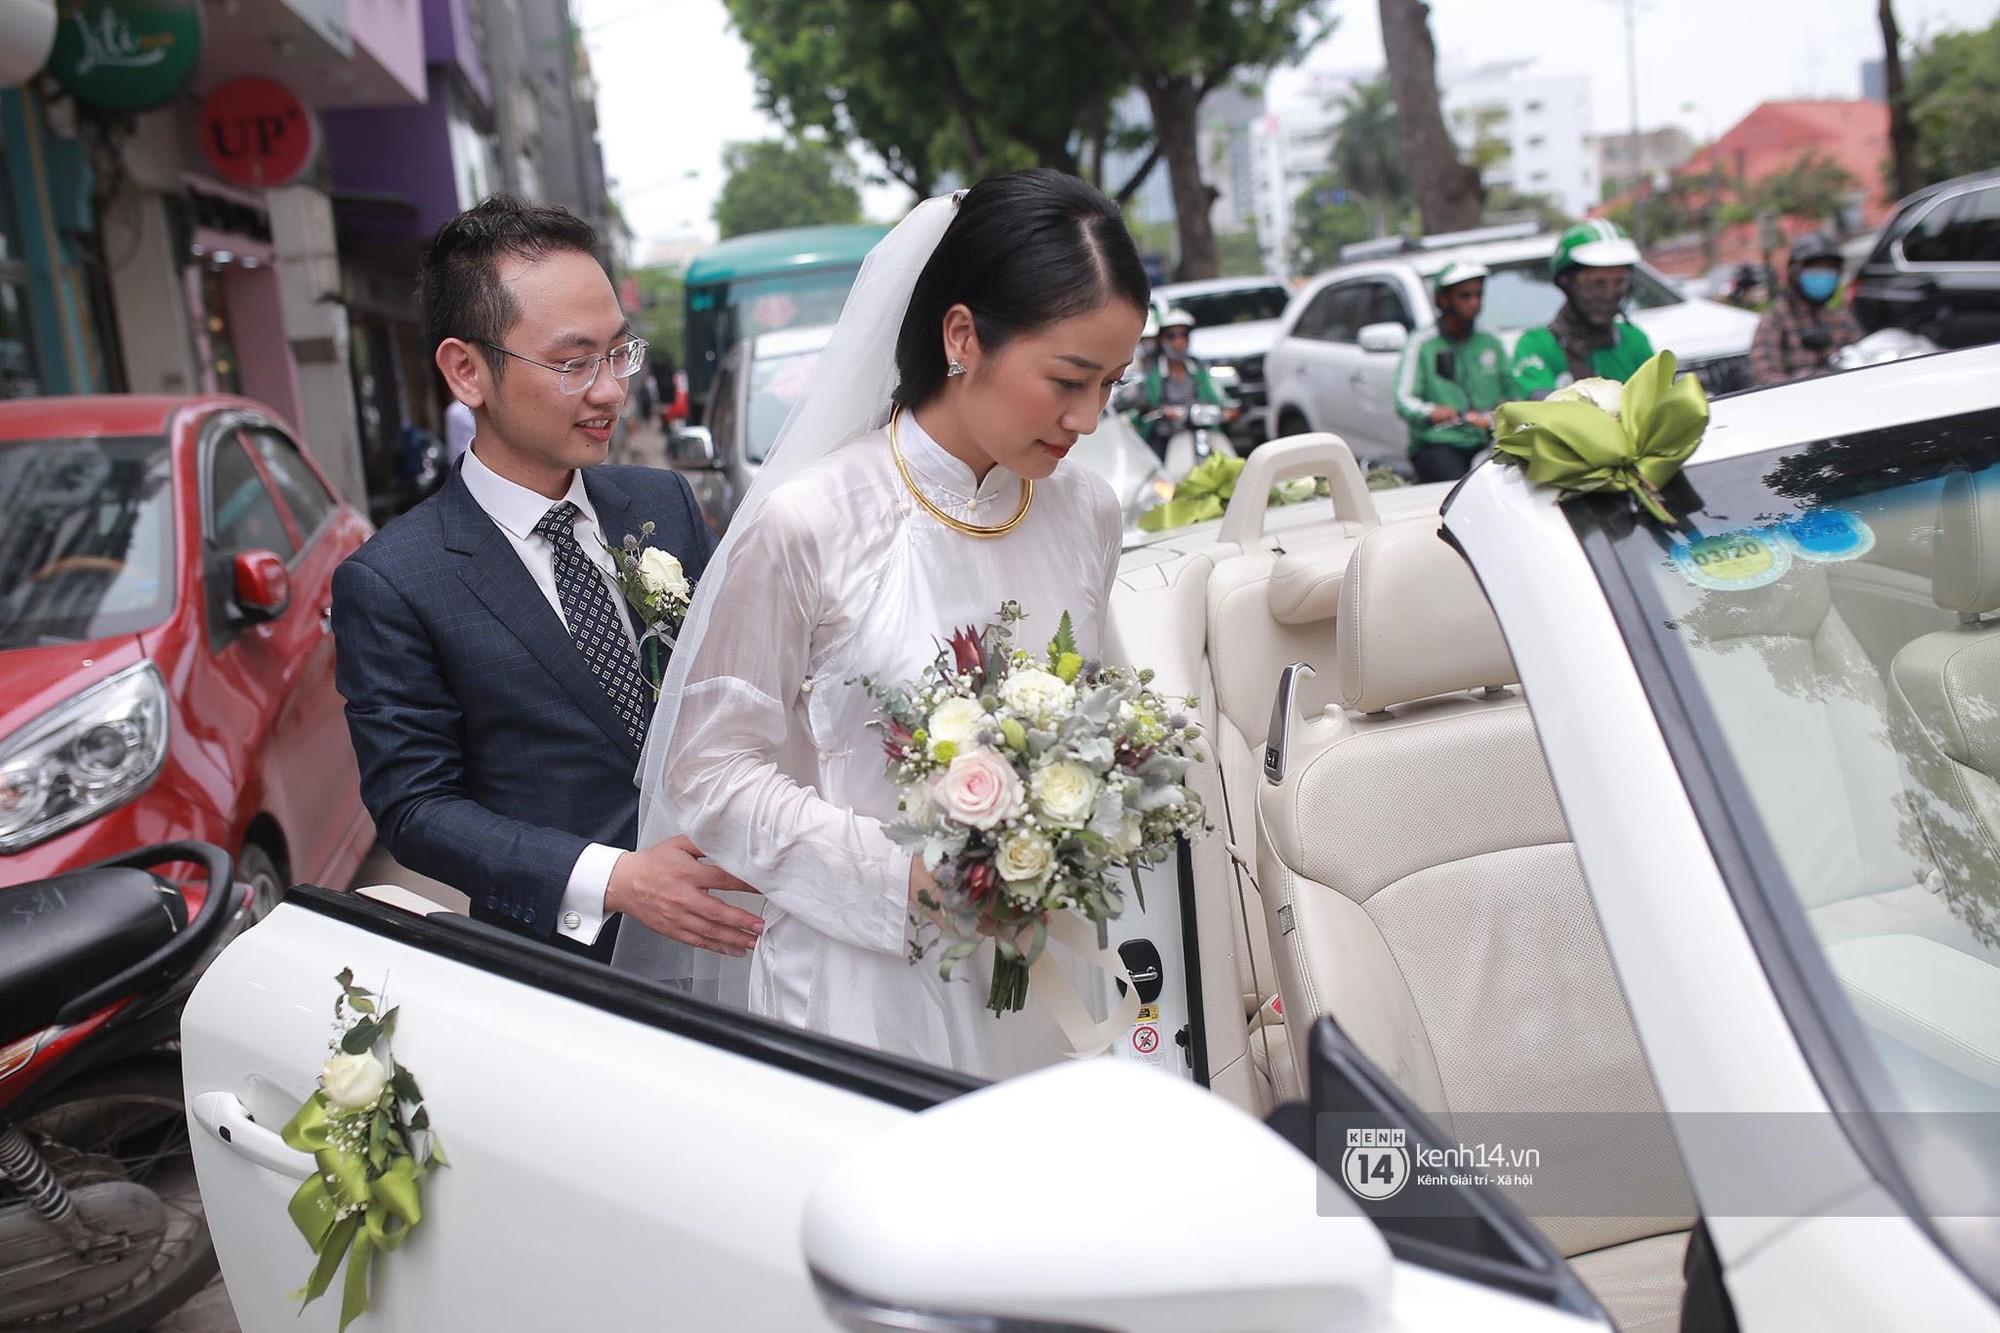 Chồng sắp cưới xúc động, dành nụ hôn tình cảm cho MC Phí Linh trong đám hỏi - Ảnh 12.